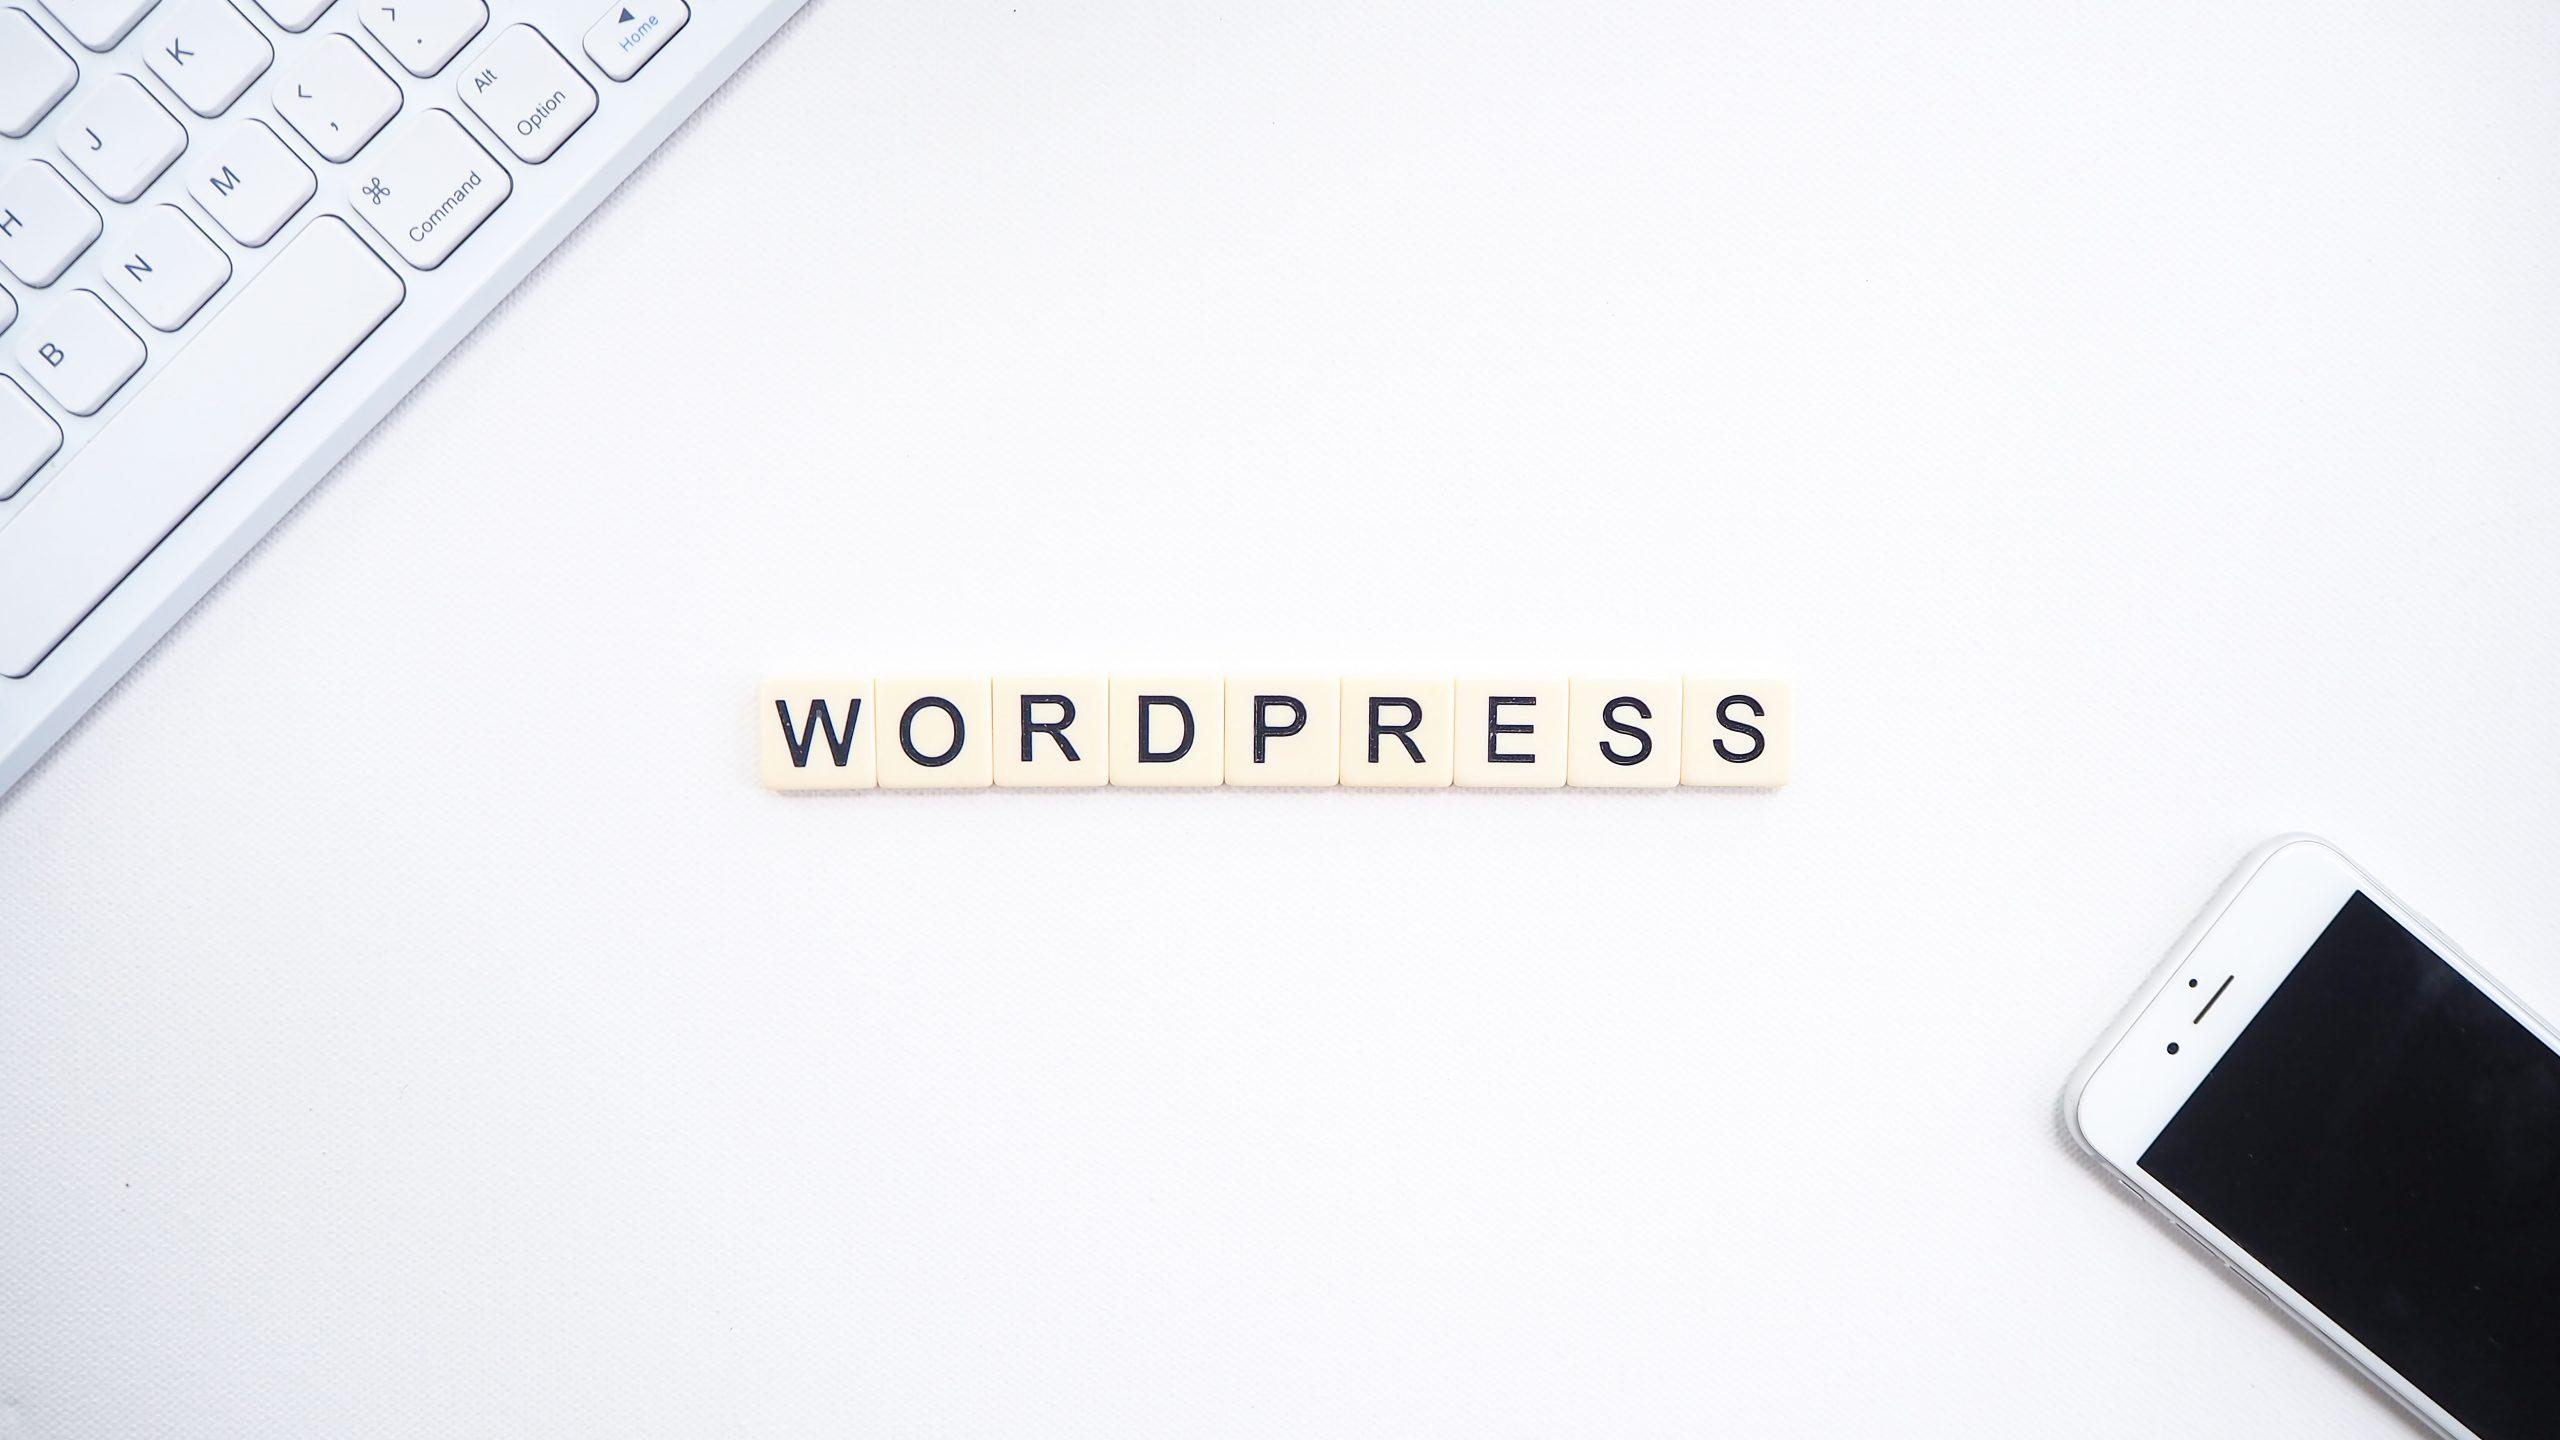 WordPressのイメージ。WordPressのロゴの隣に、キーボードとスマートフォンが表示されている。